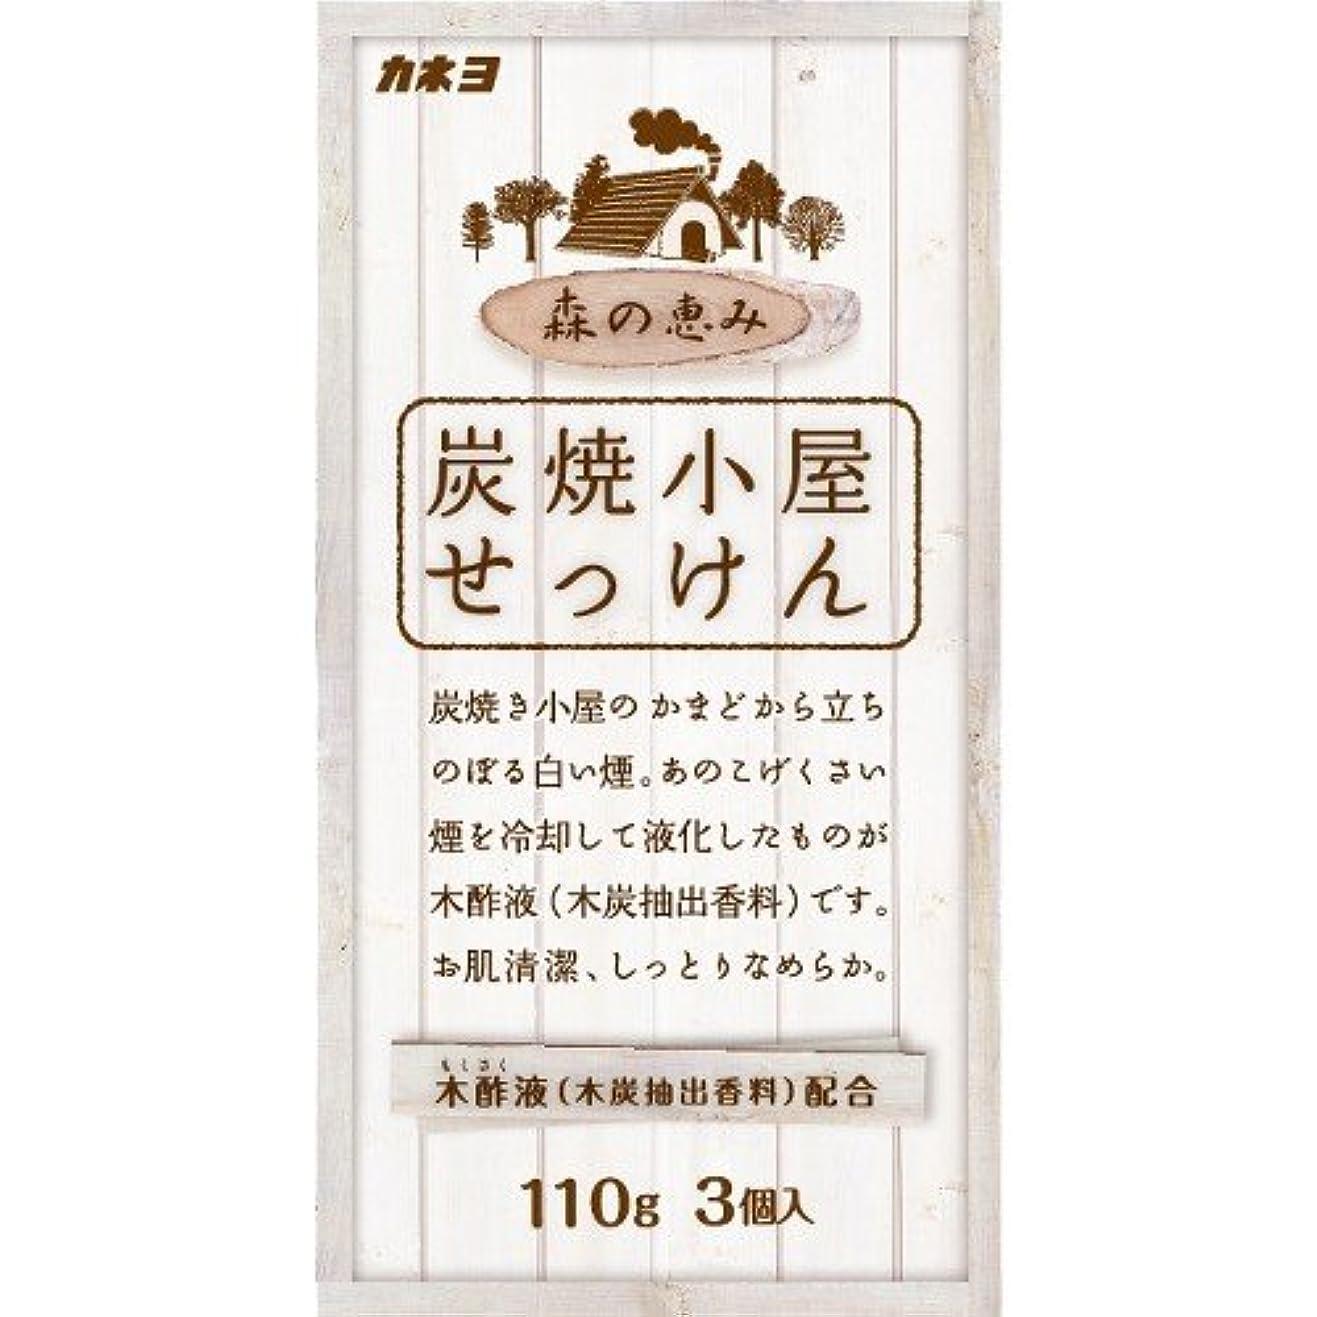 パースブラックボロウキャッシュマットカネヨ石鹸 炭焼小屋 化粧石けん 110g×3個入